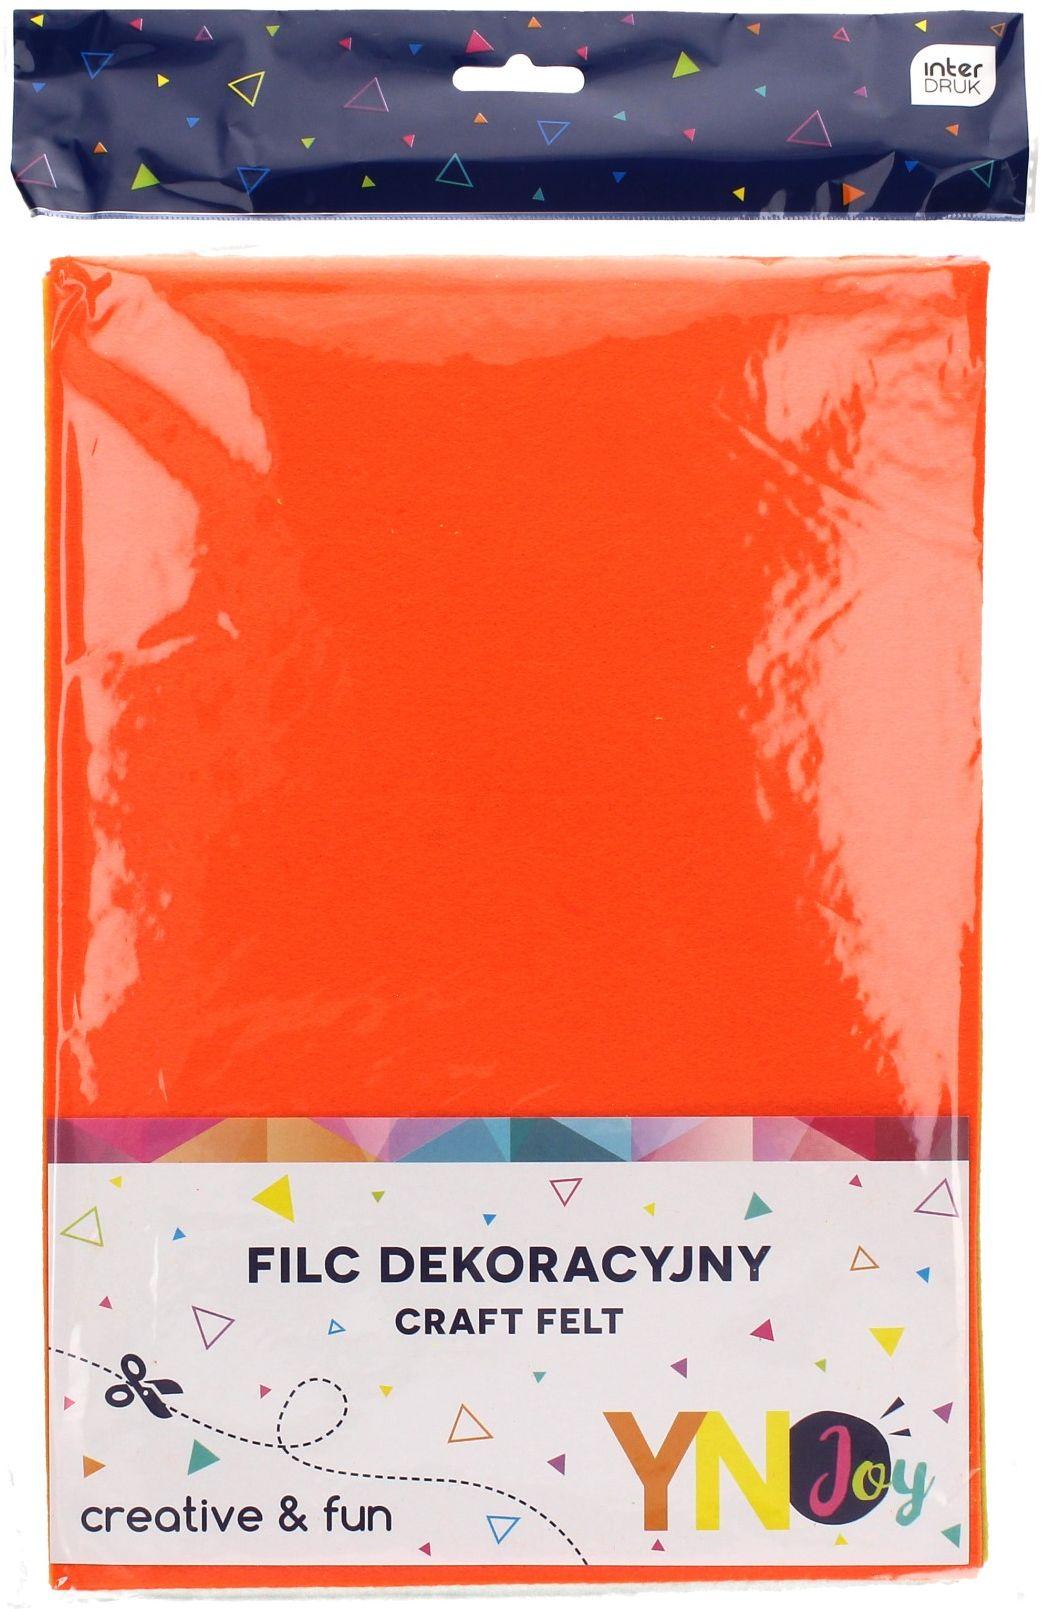 Filc dekoracyjny fluo (8) YN JOY